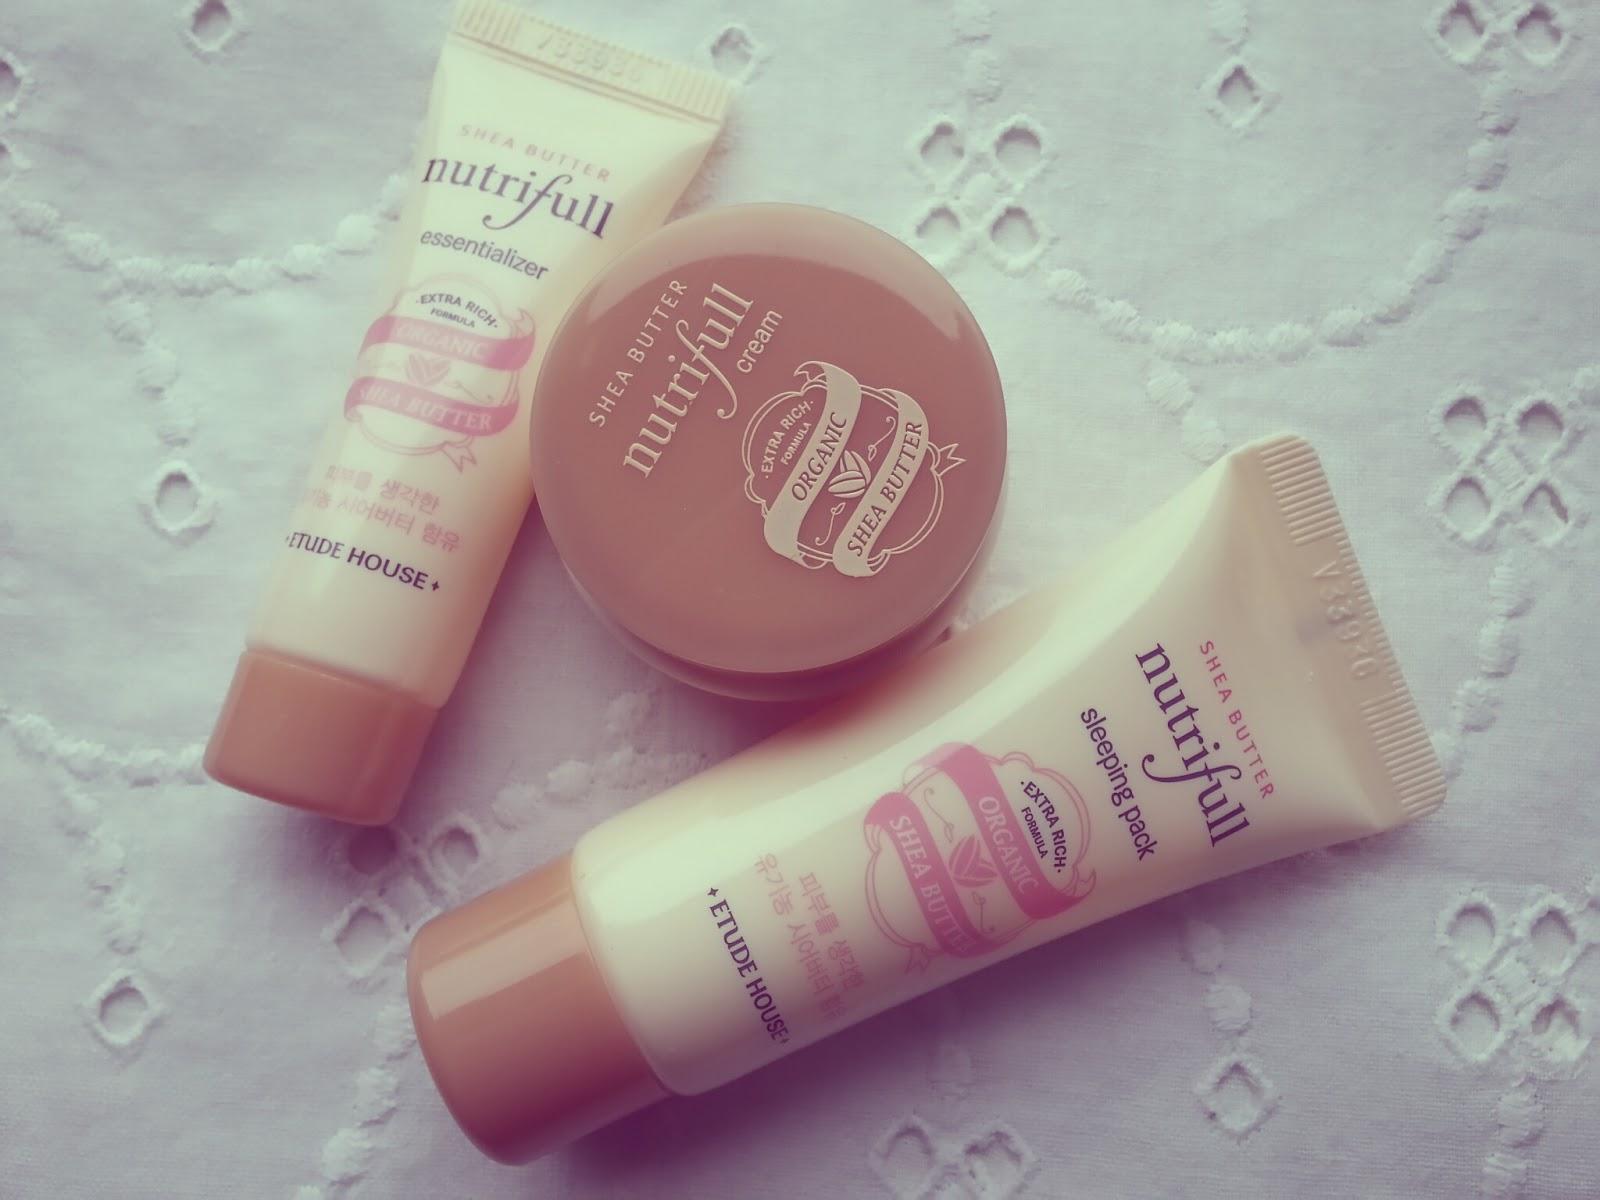 Etude House Shea butter nutrifull skin care kit